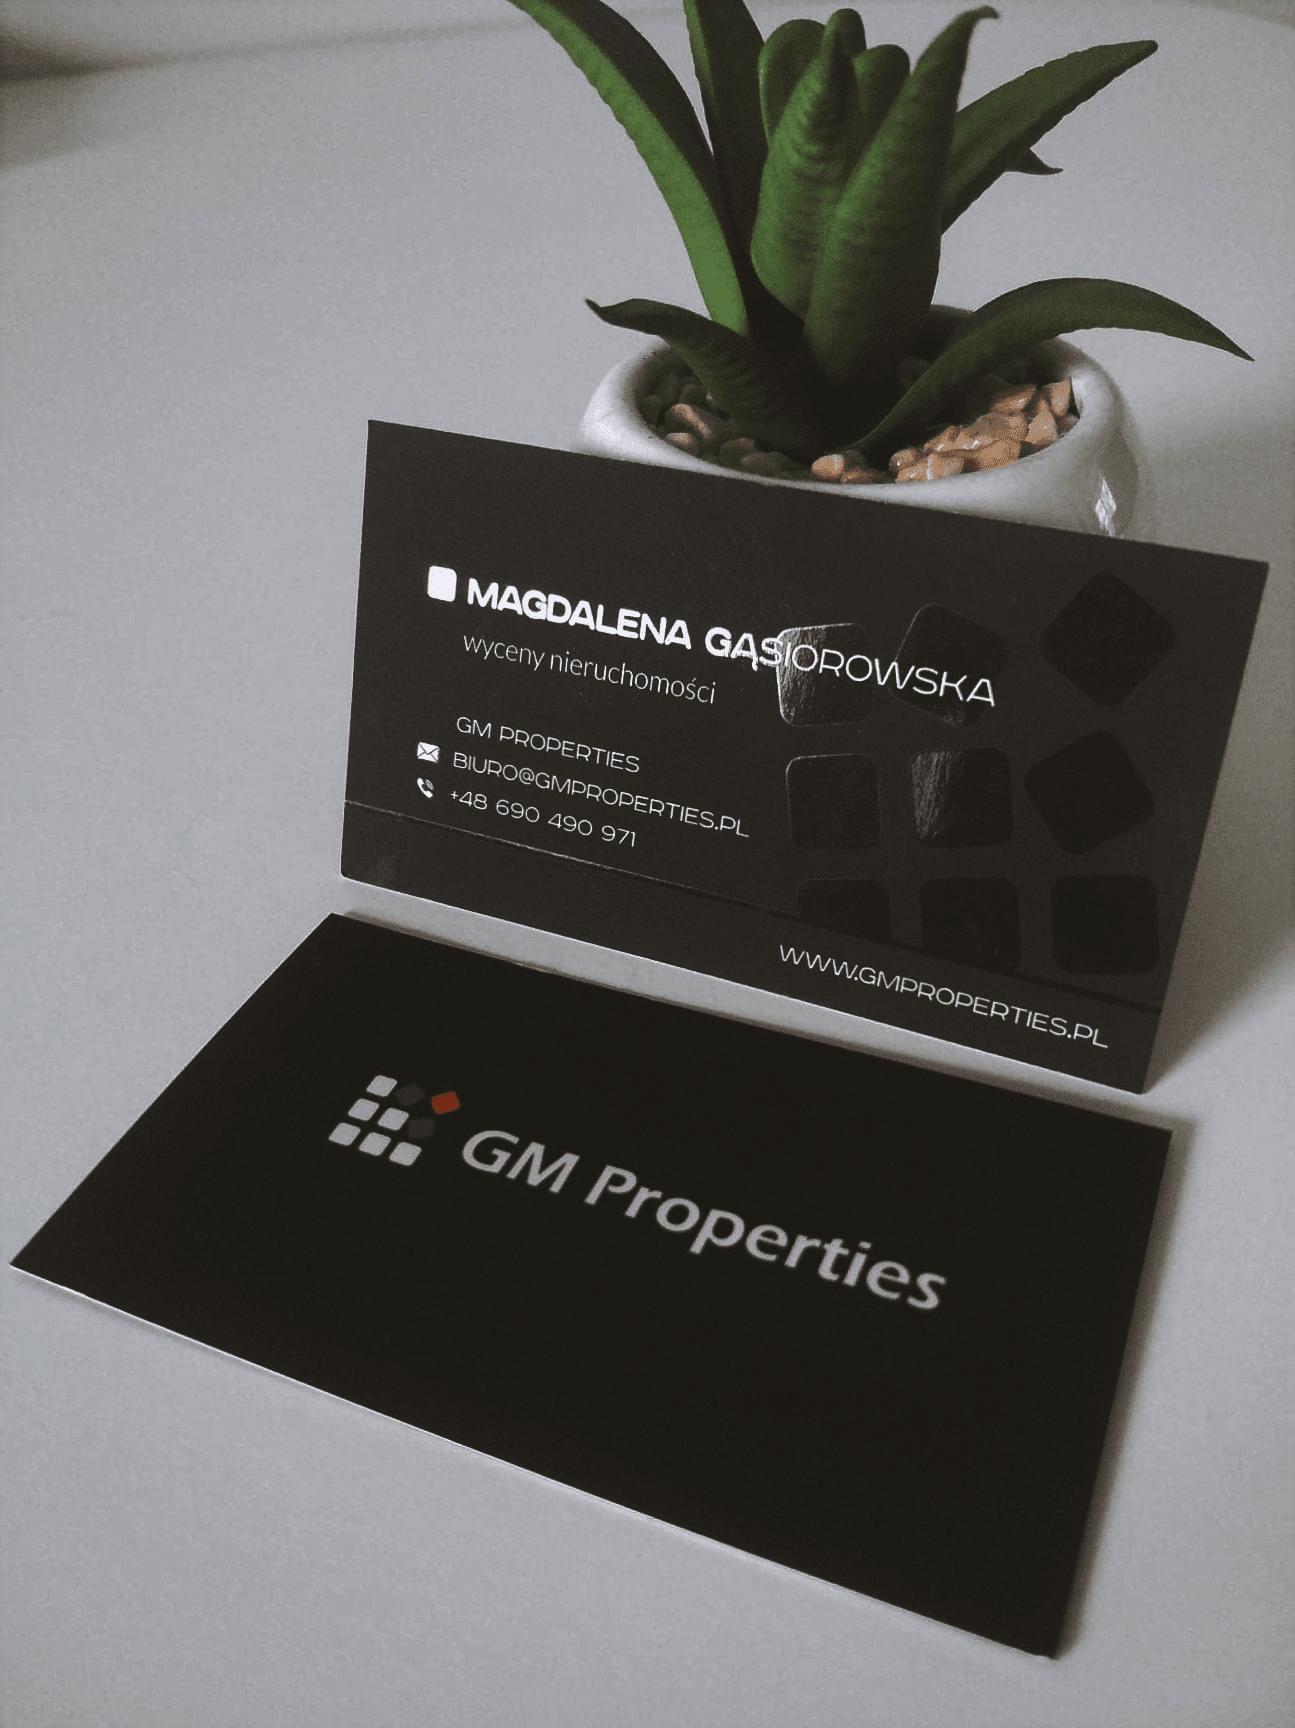 wizytówki dla GM properties